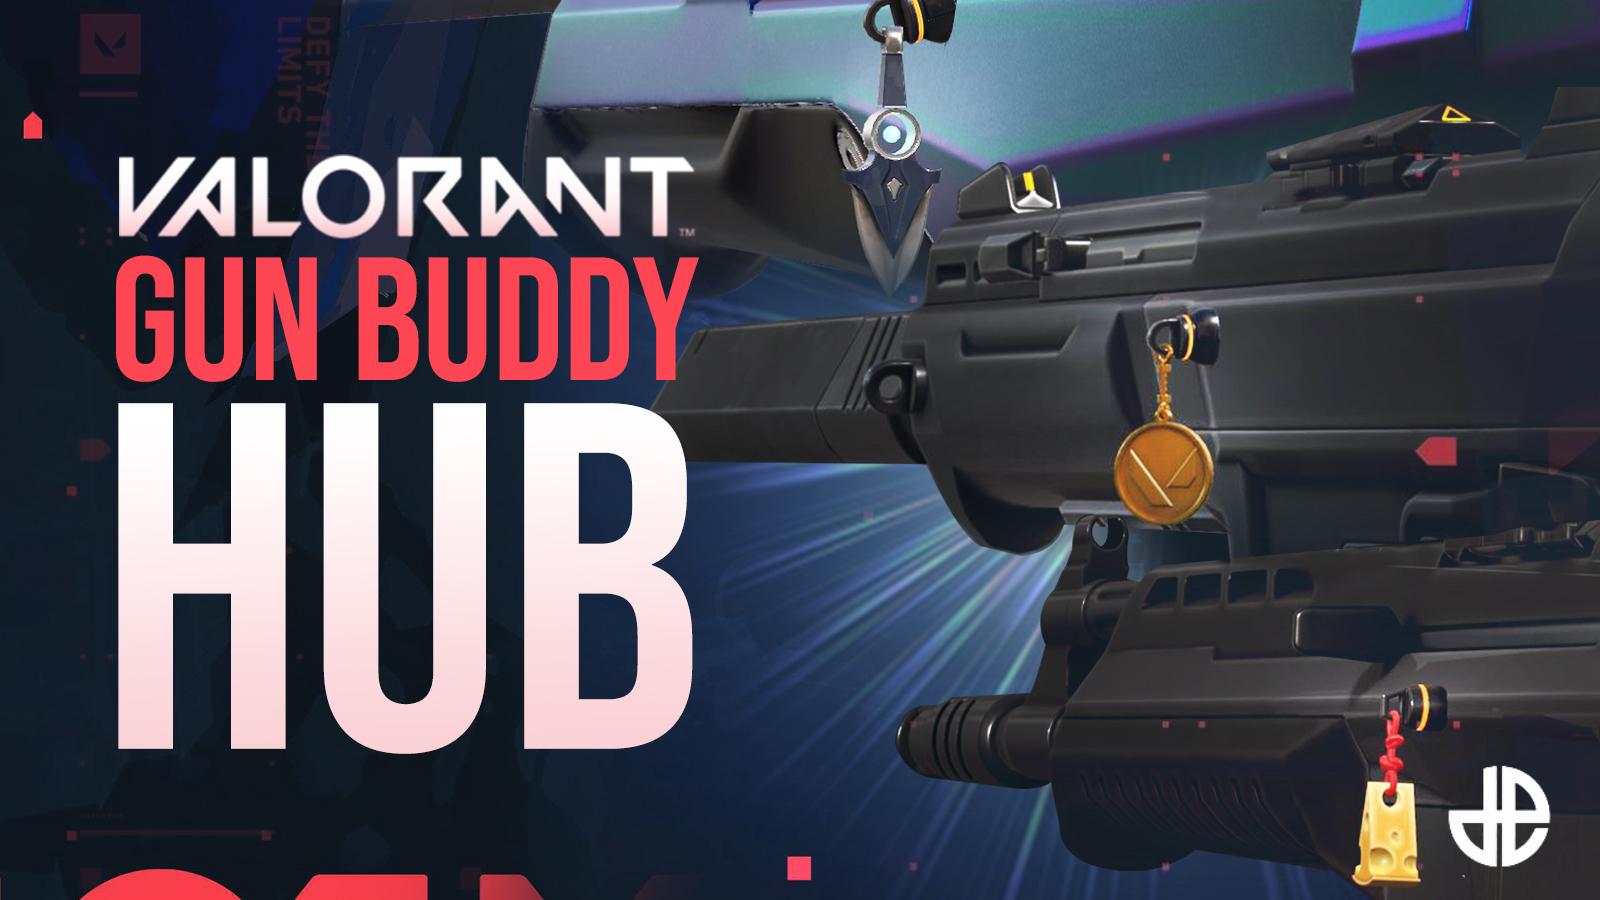 Valorant Gun Buddy Hub